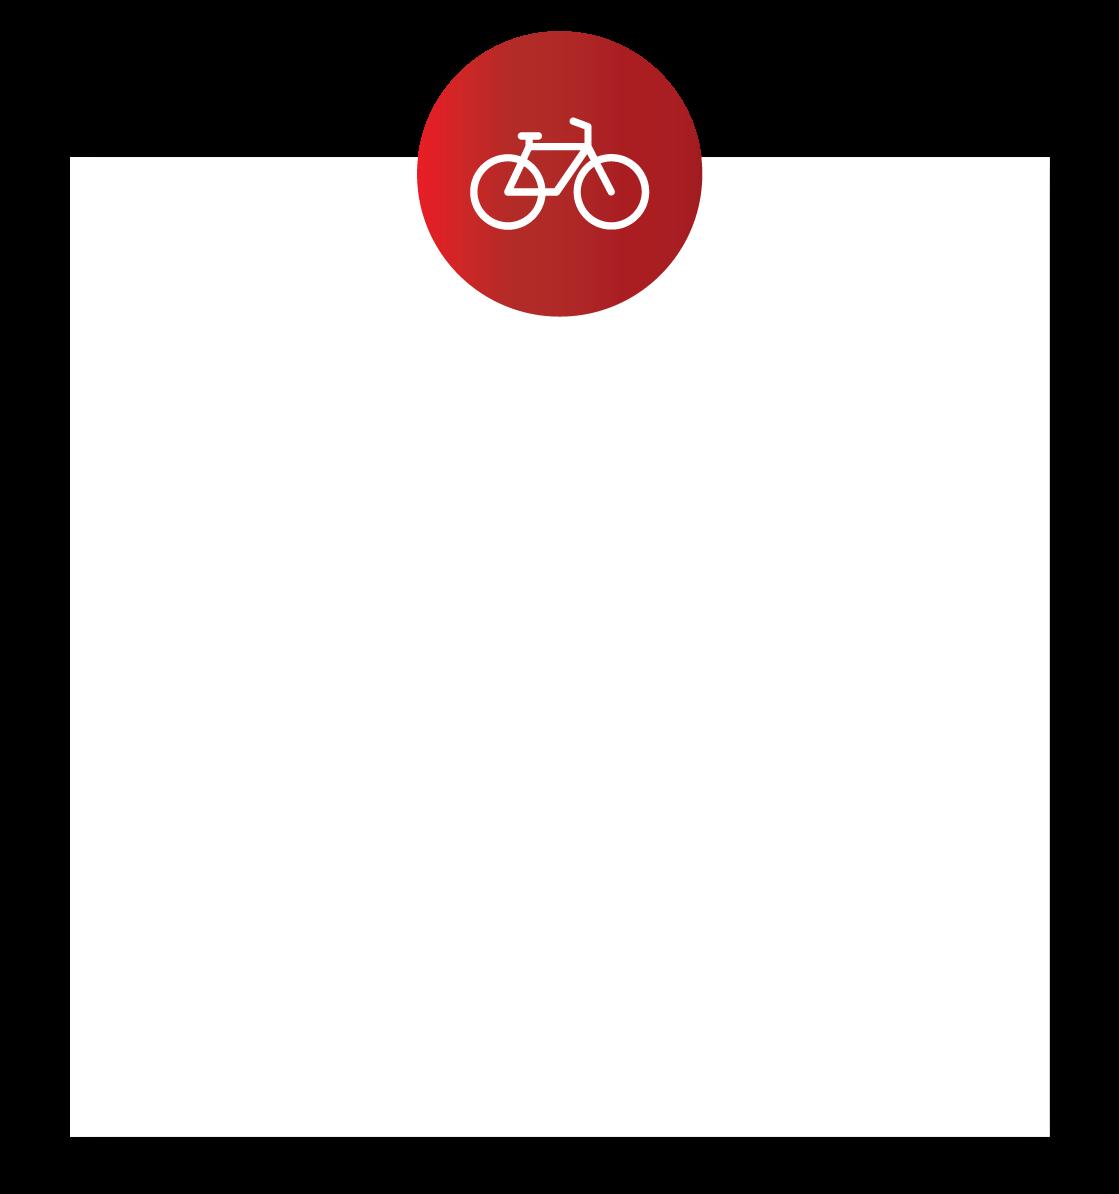 PELOTON LIVEINDOOR CYCLING -